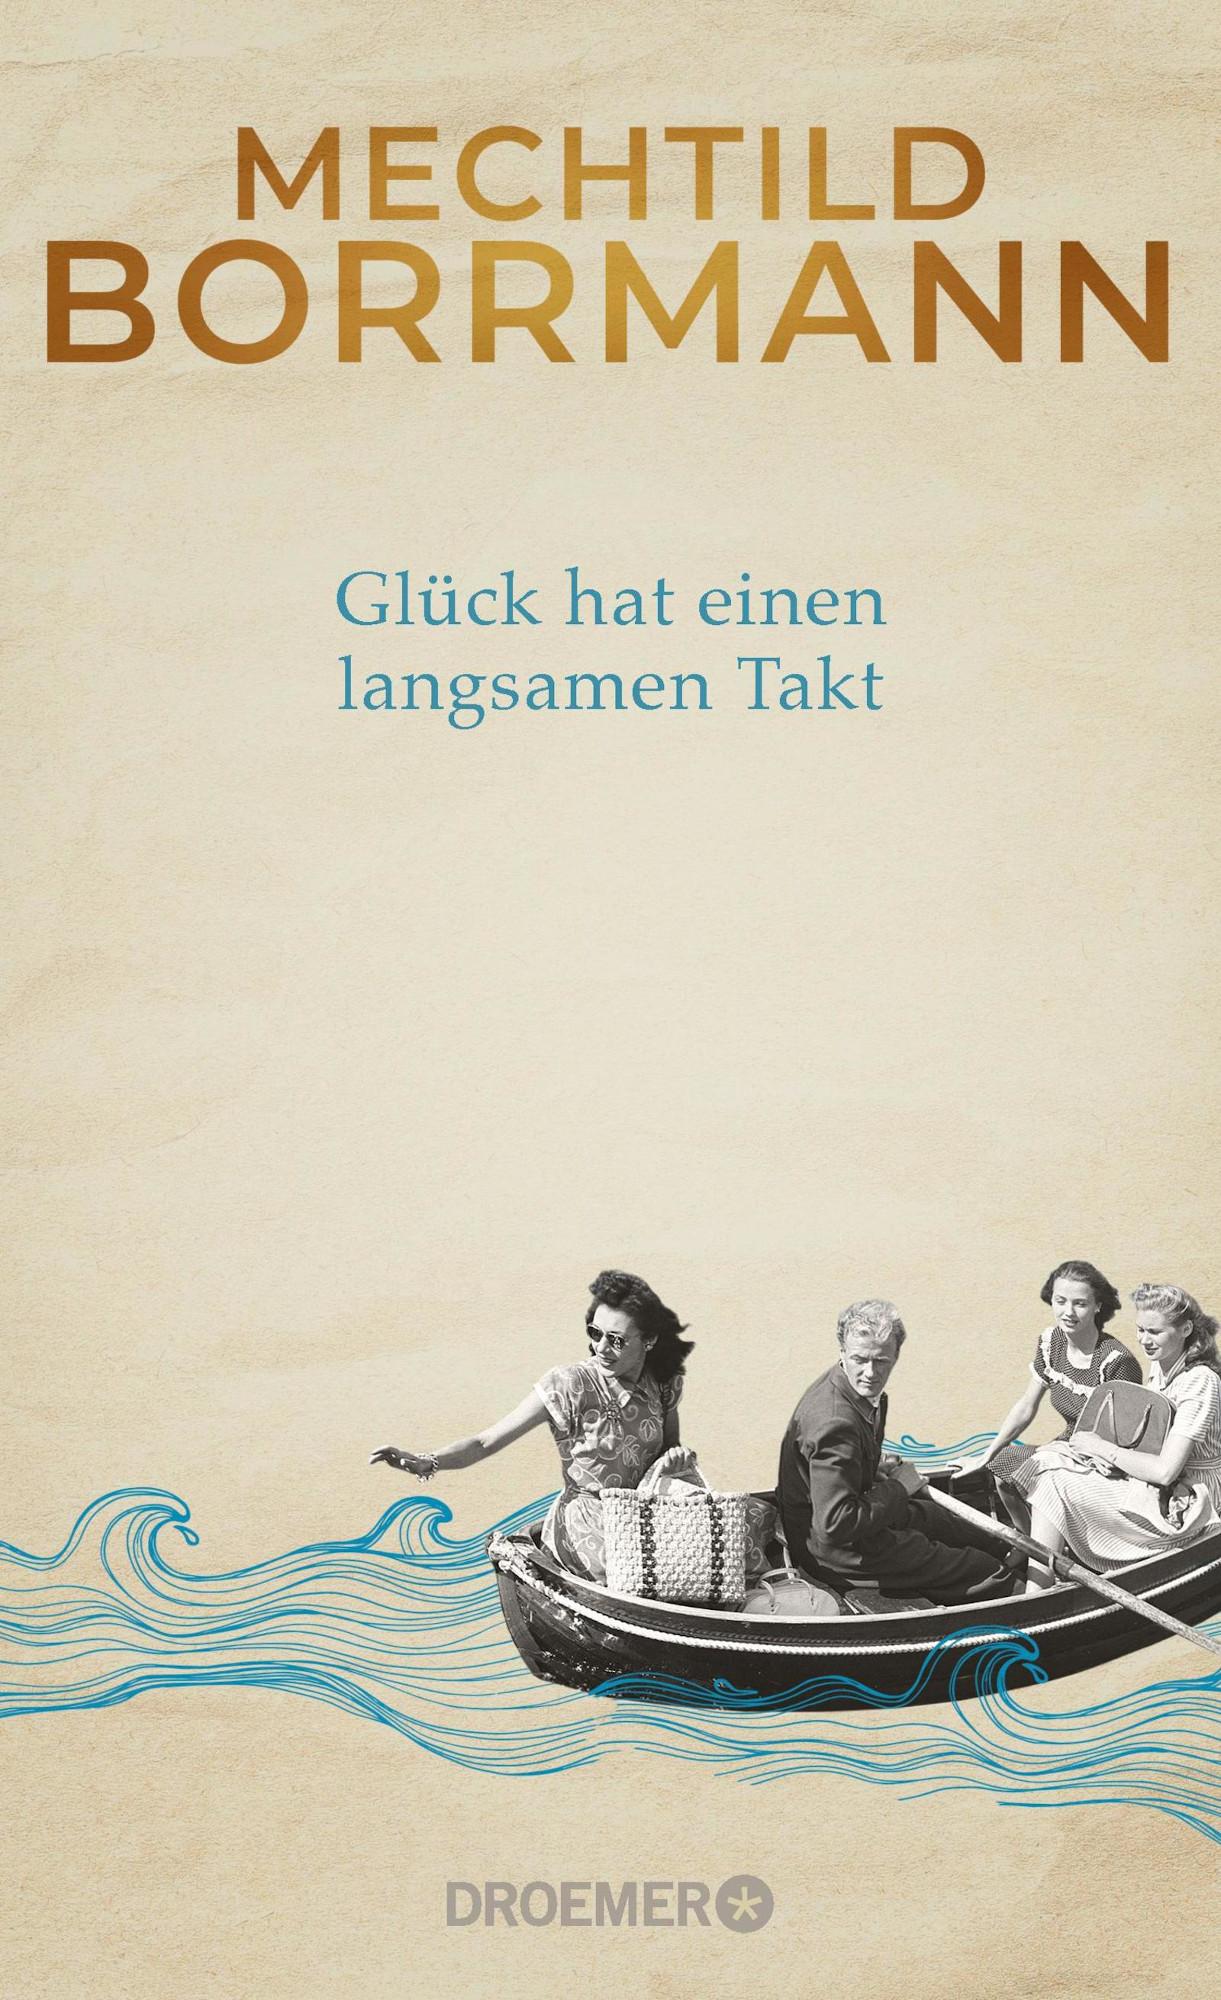 © https://www.droemer-knaur.de